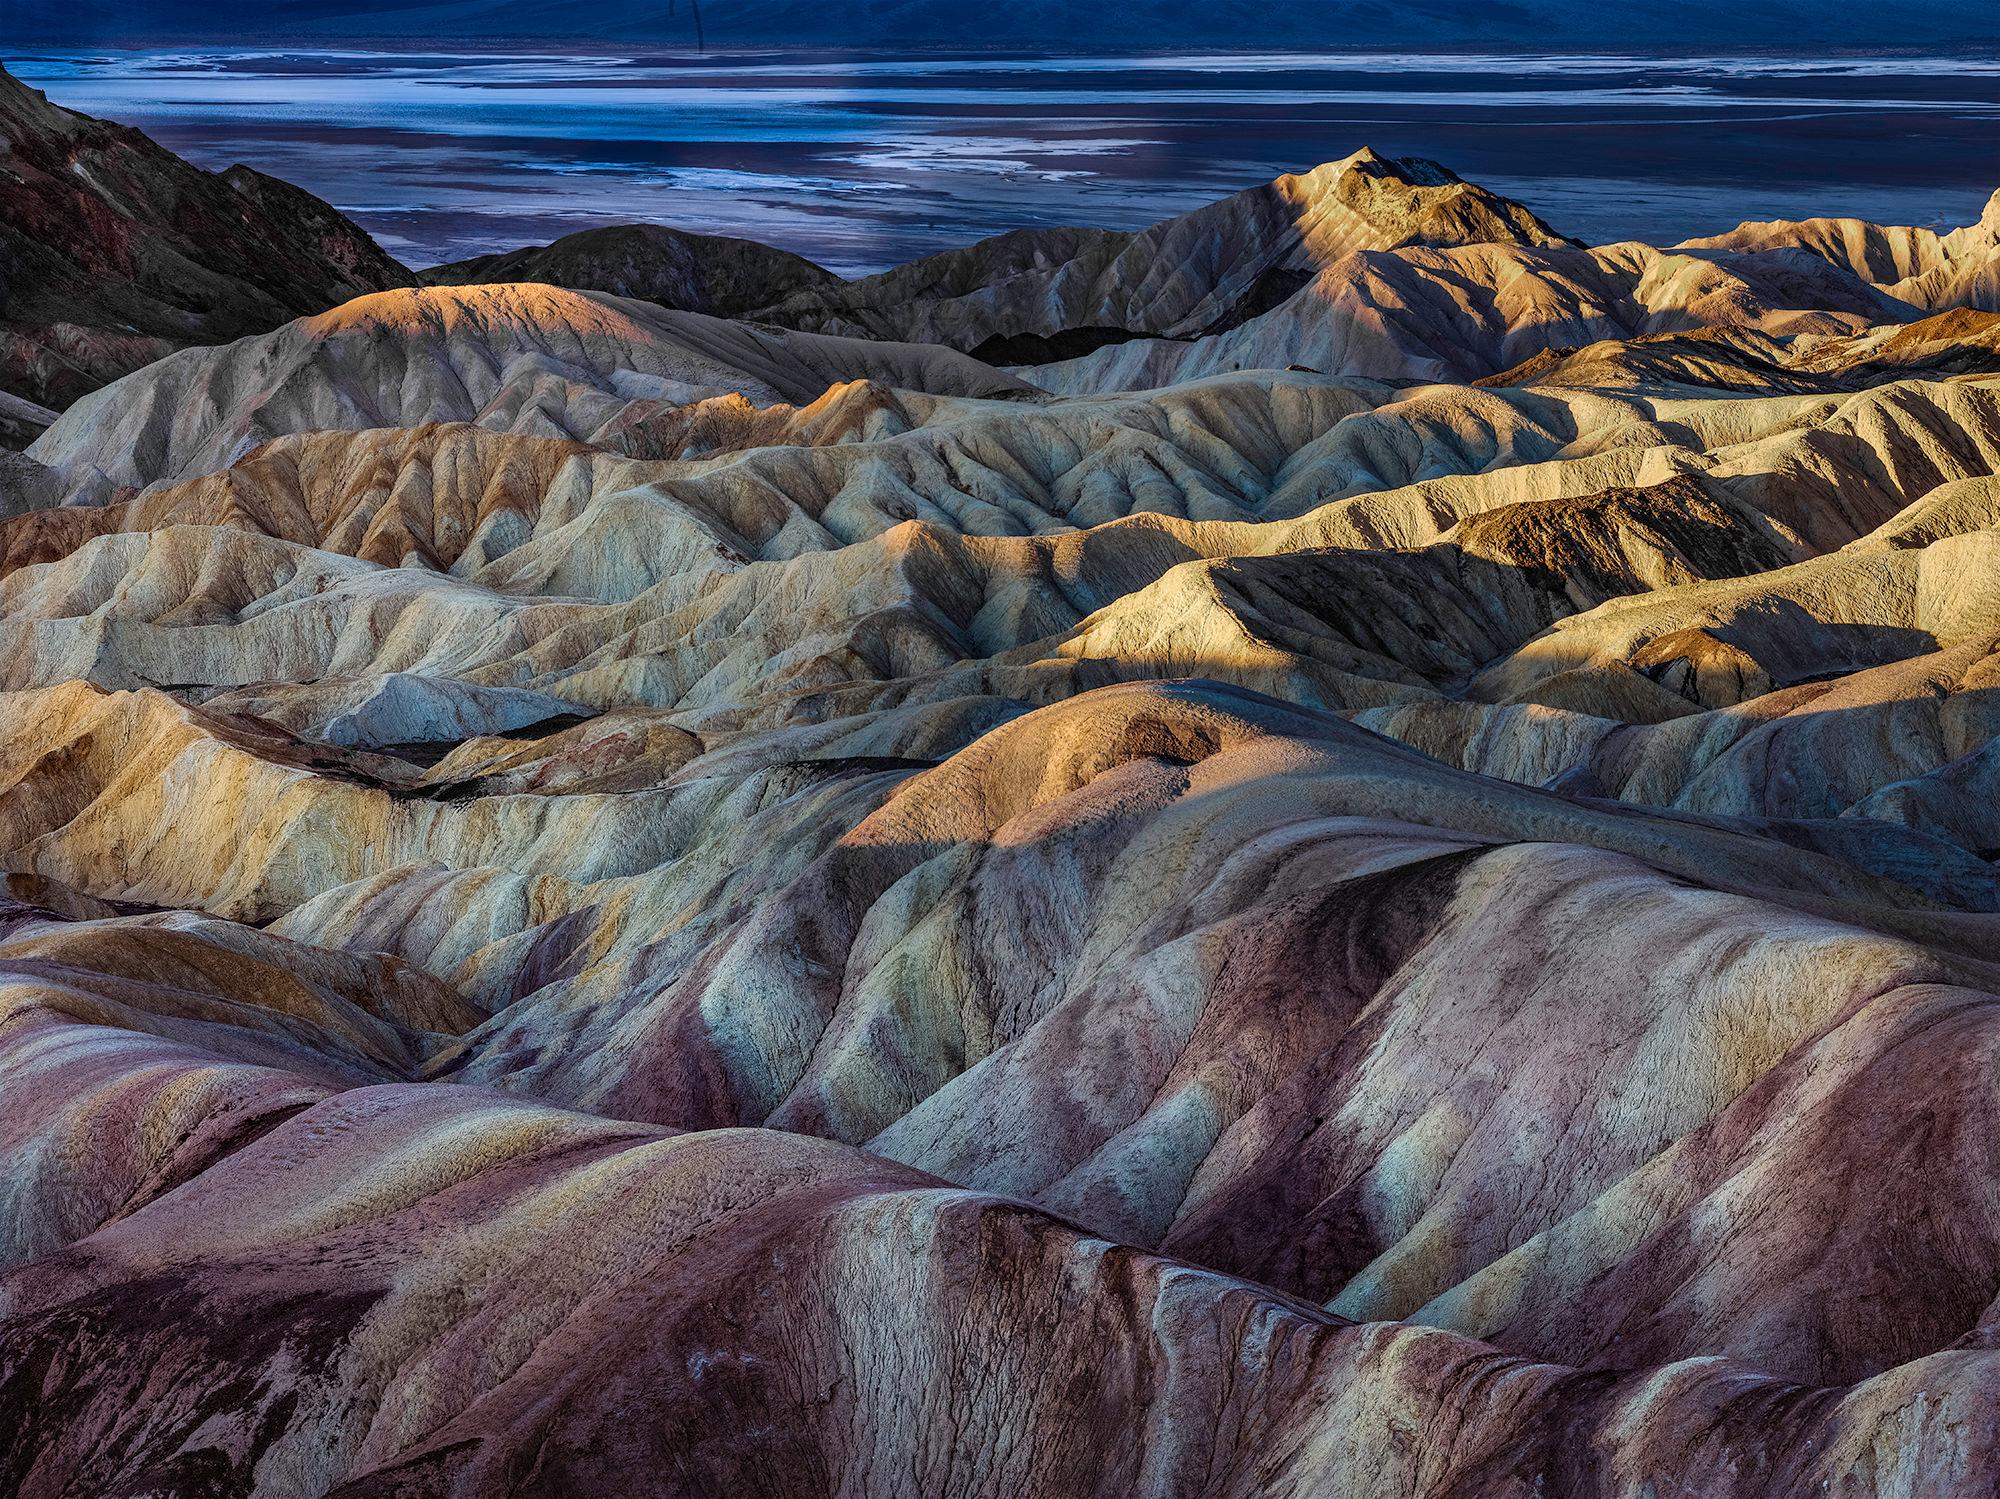 ZABRISKIE POINT - Death Valley, CA